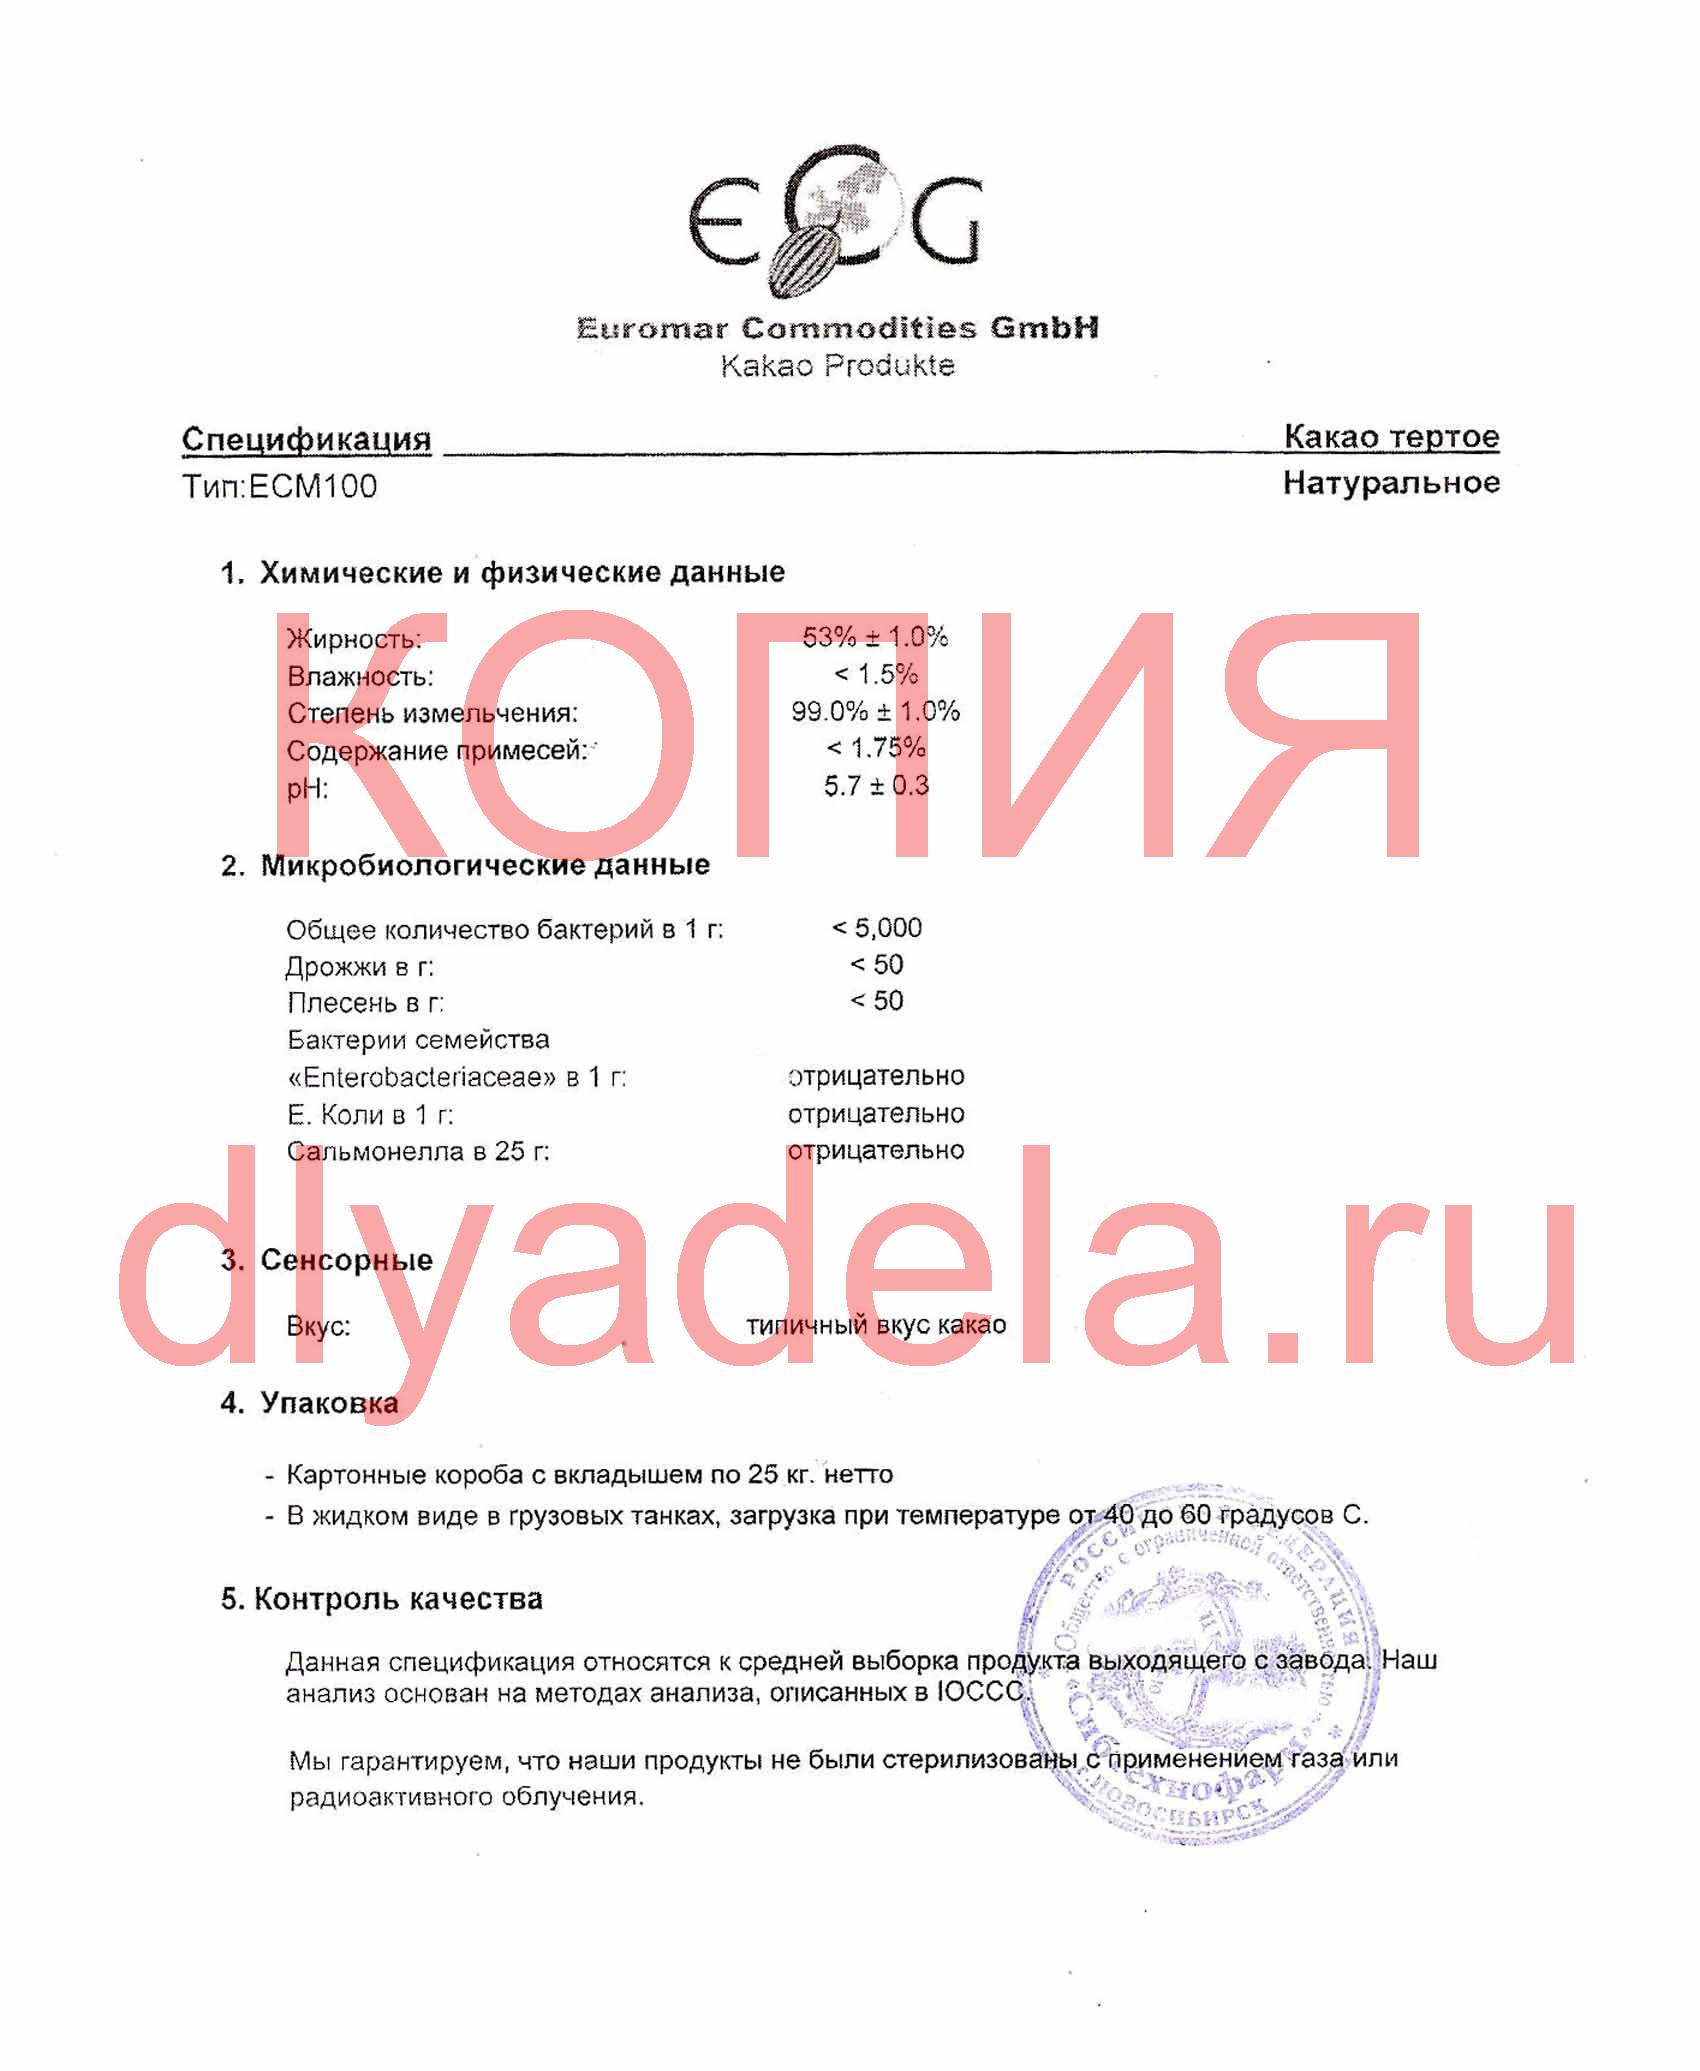 Сертификат анализа какао тертого